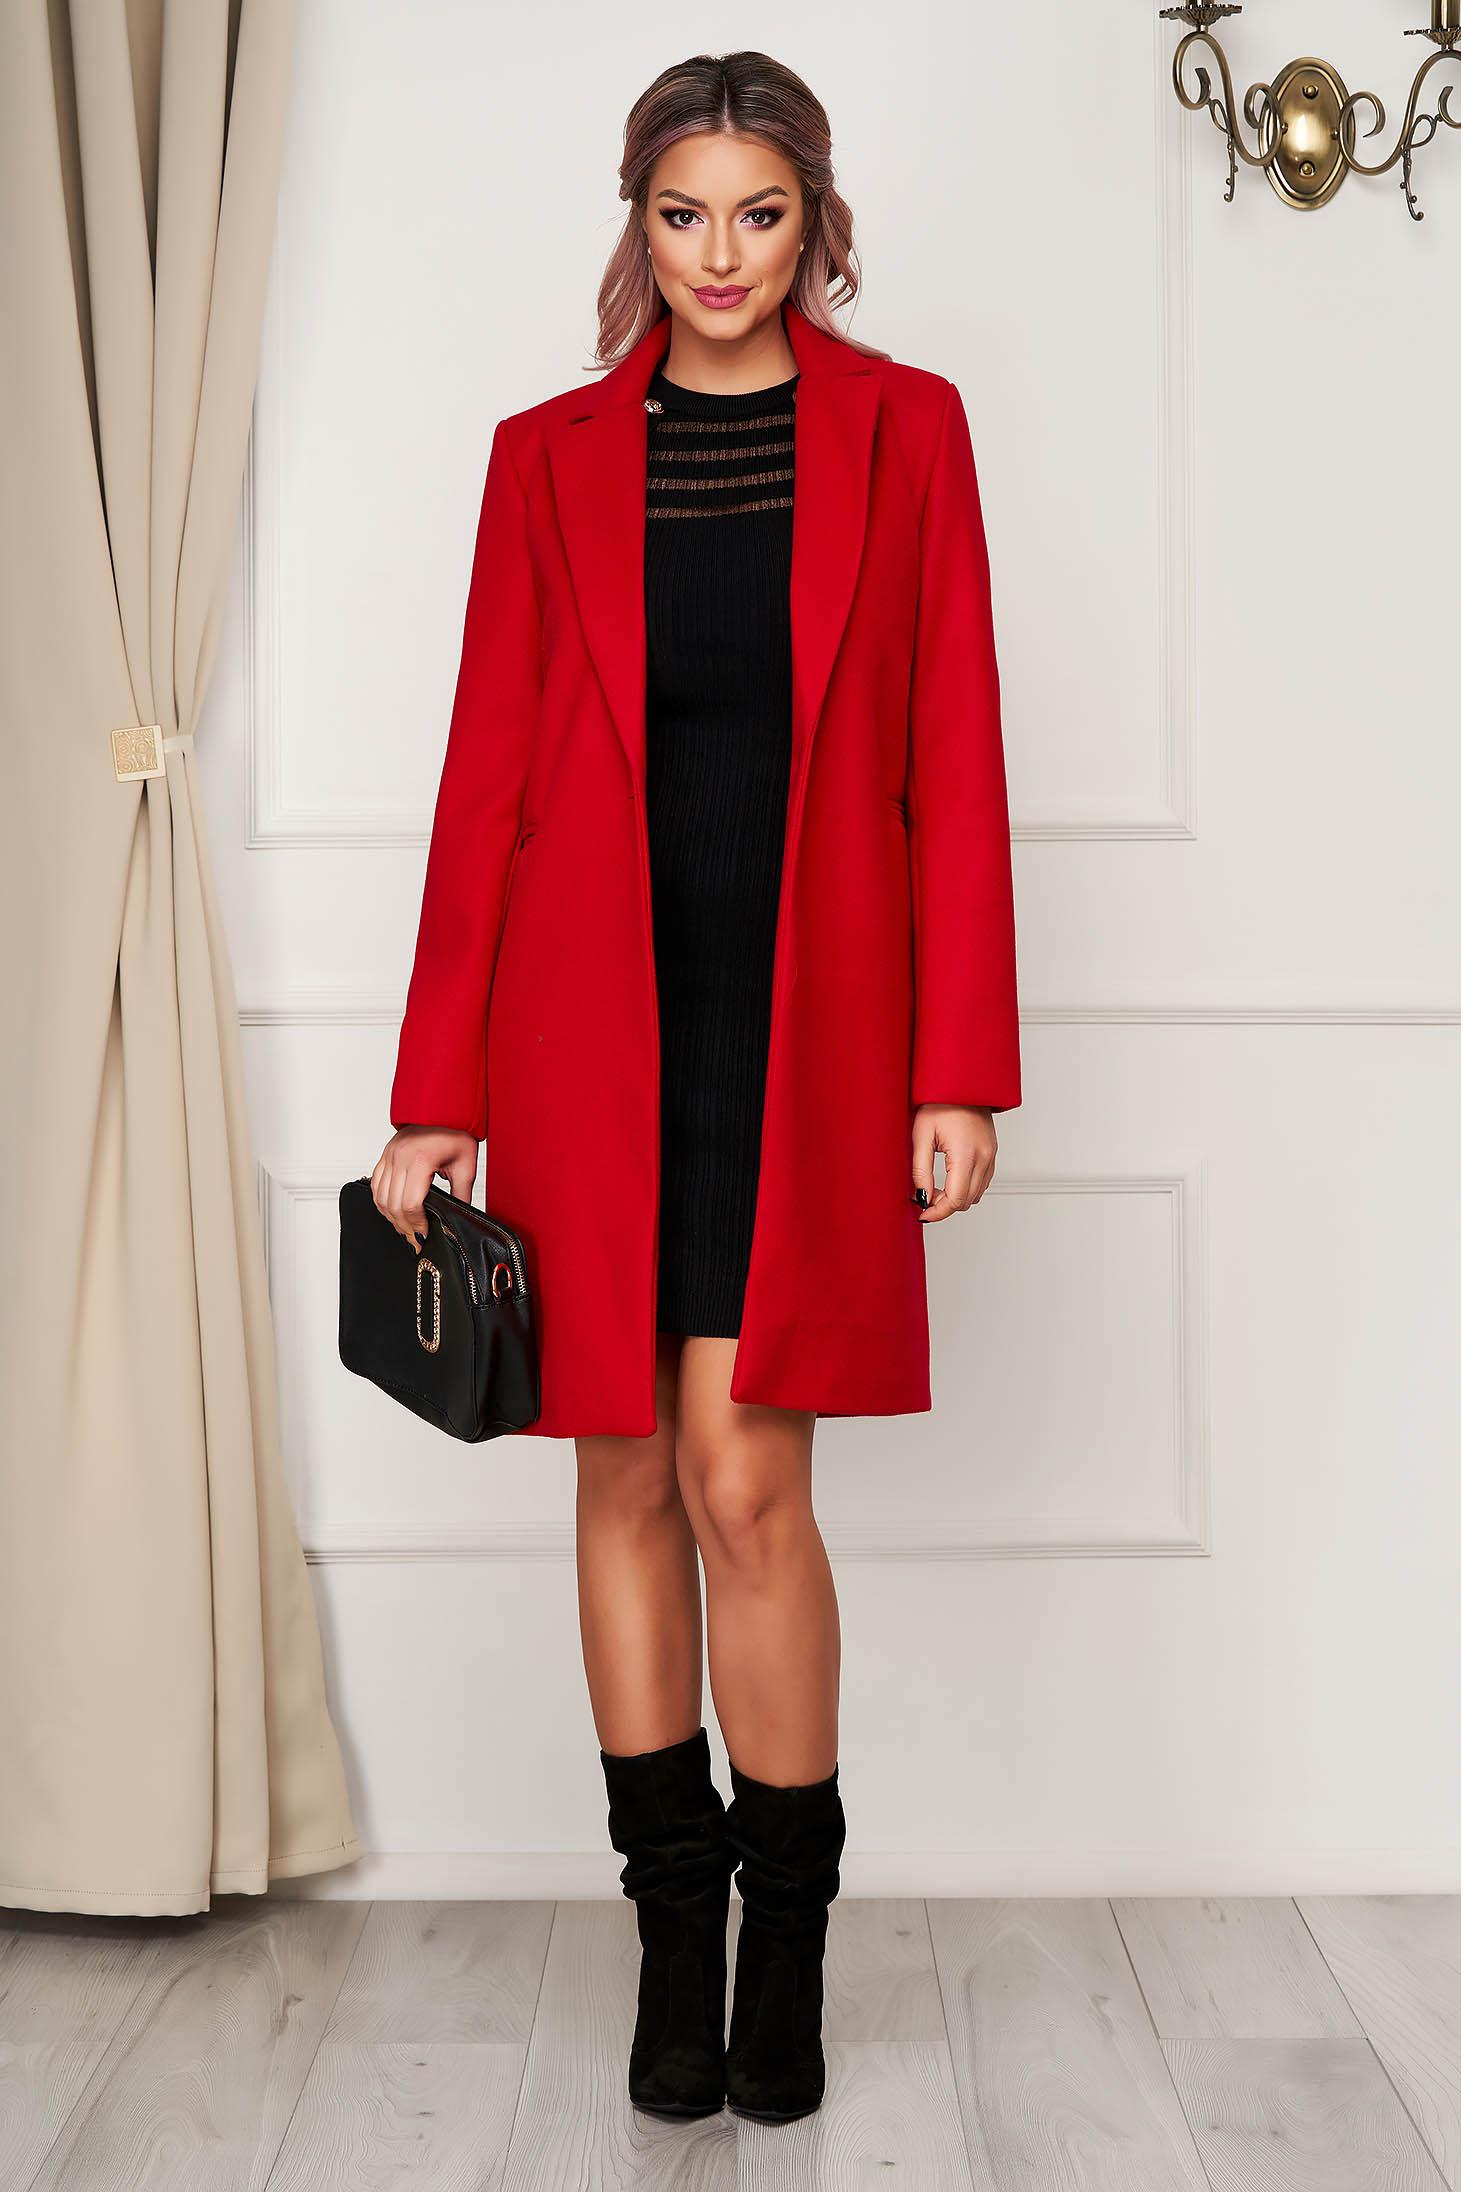 Palton SunShine rosu office cu un croi drept din stofa neelastica cu buzunare